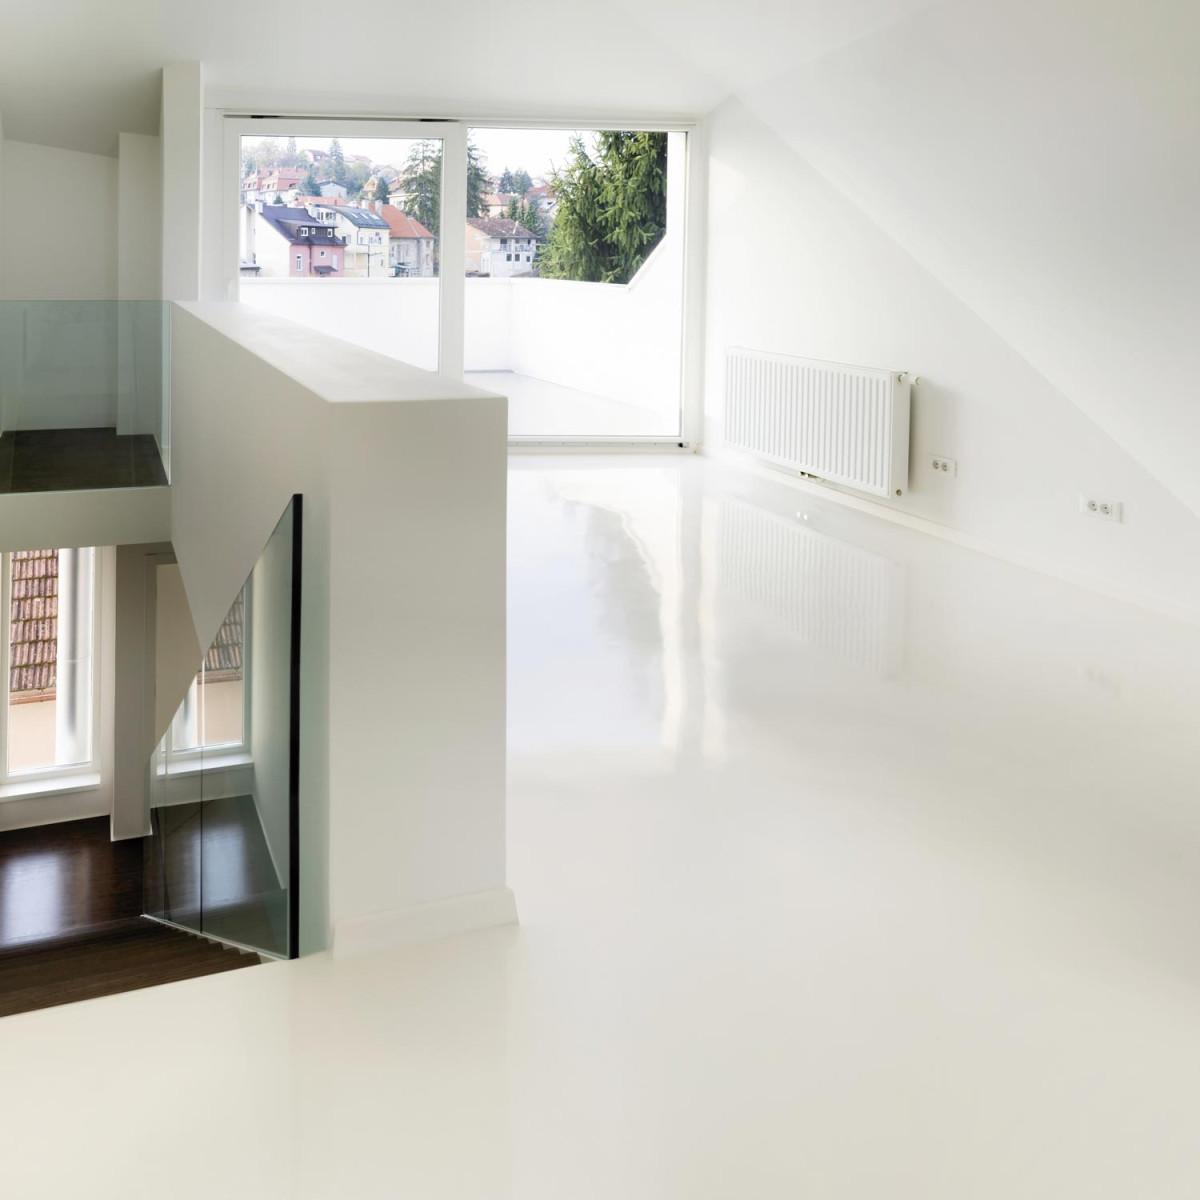 peinture r sine epoxy cuisine et sol int rieur maison tanche. Black Bedroom Furniture Sets. Home Design Ideas